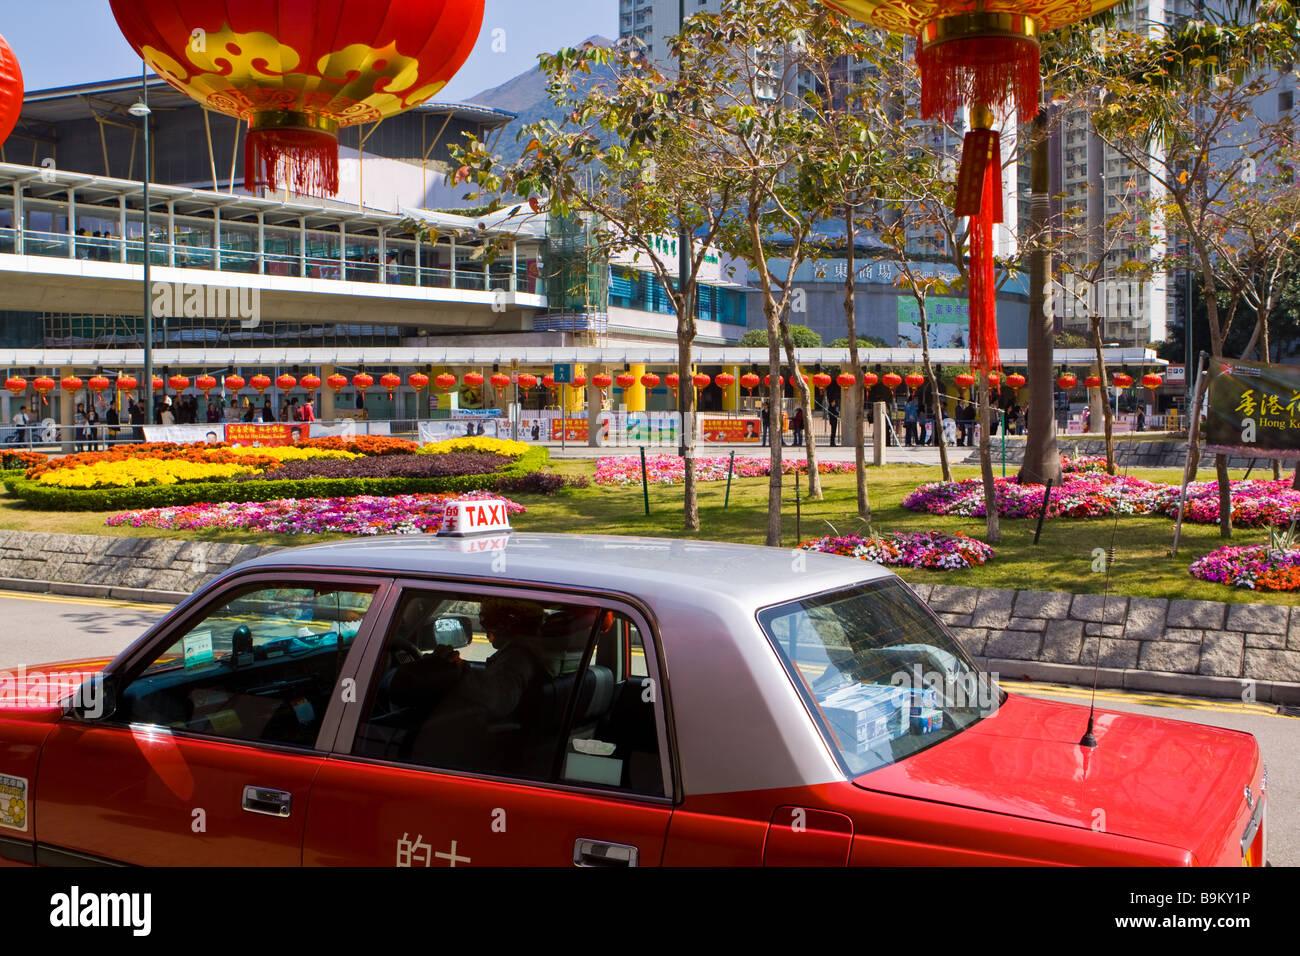 Taxis at Tung Chung Station Hong Kong - Stock Image